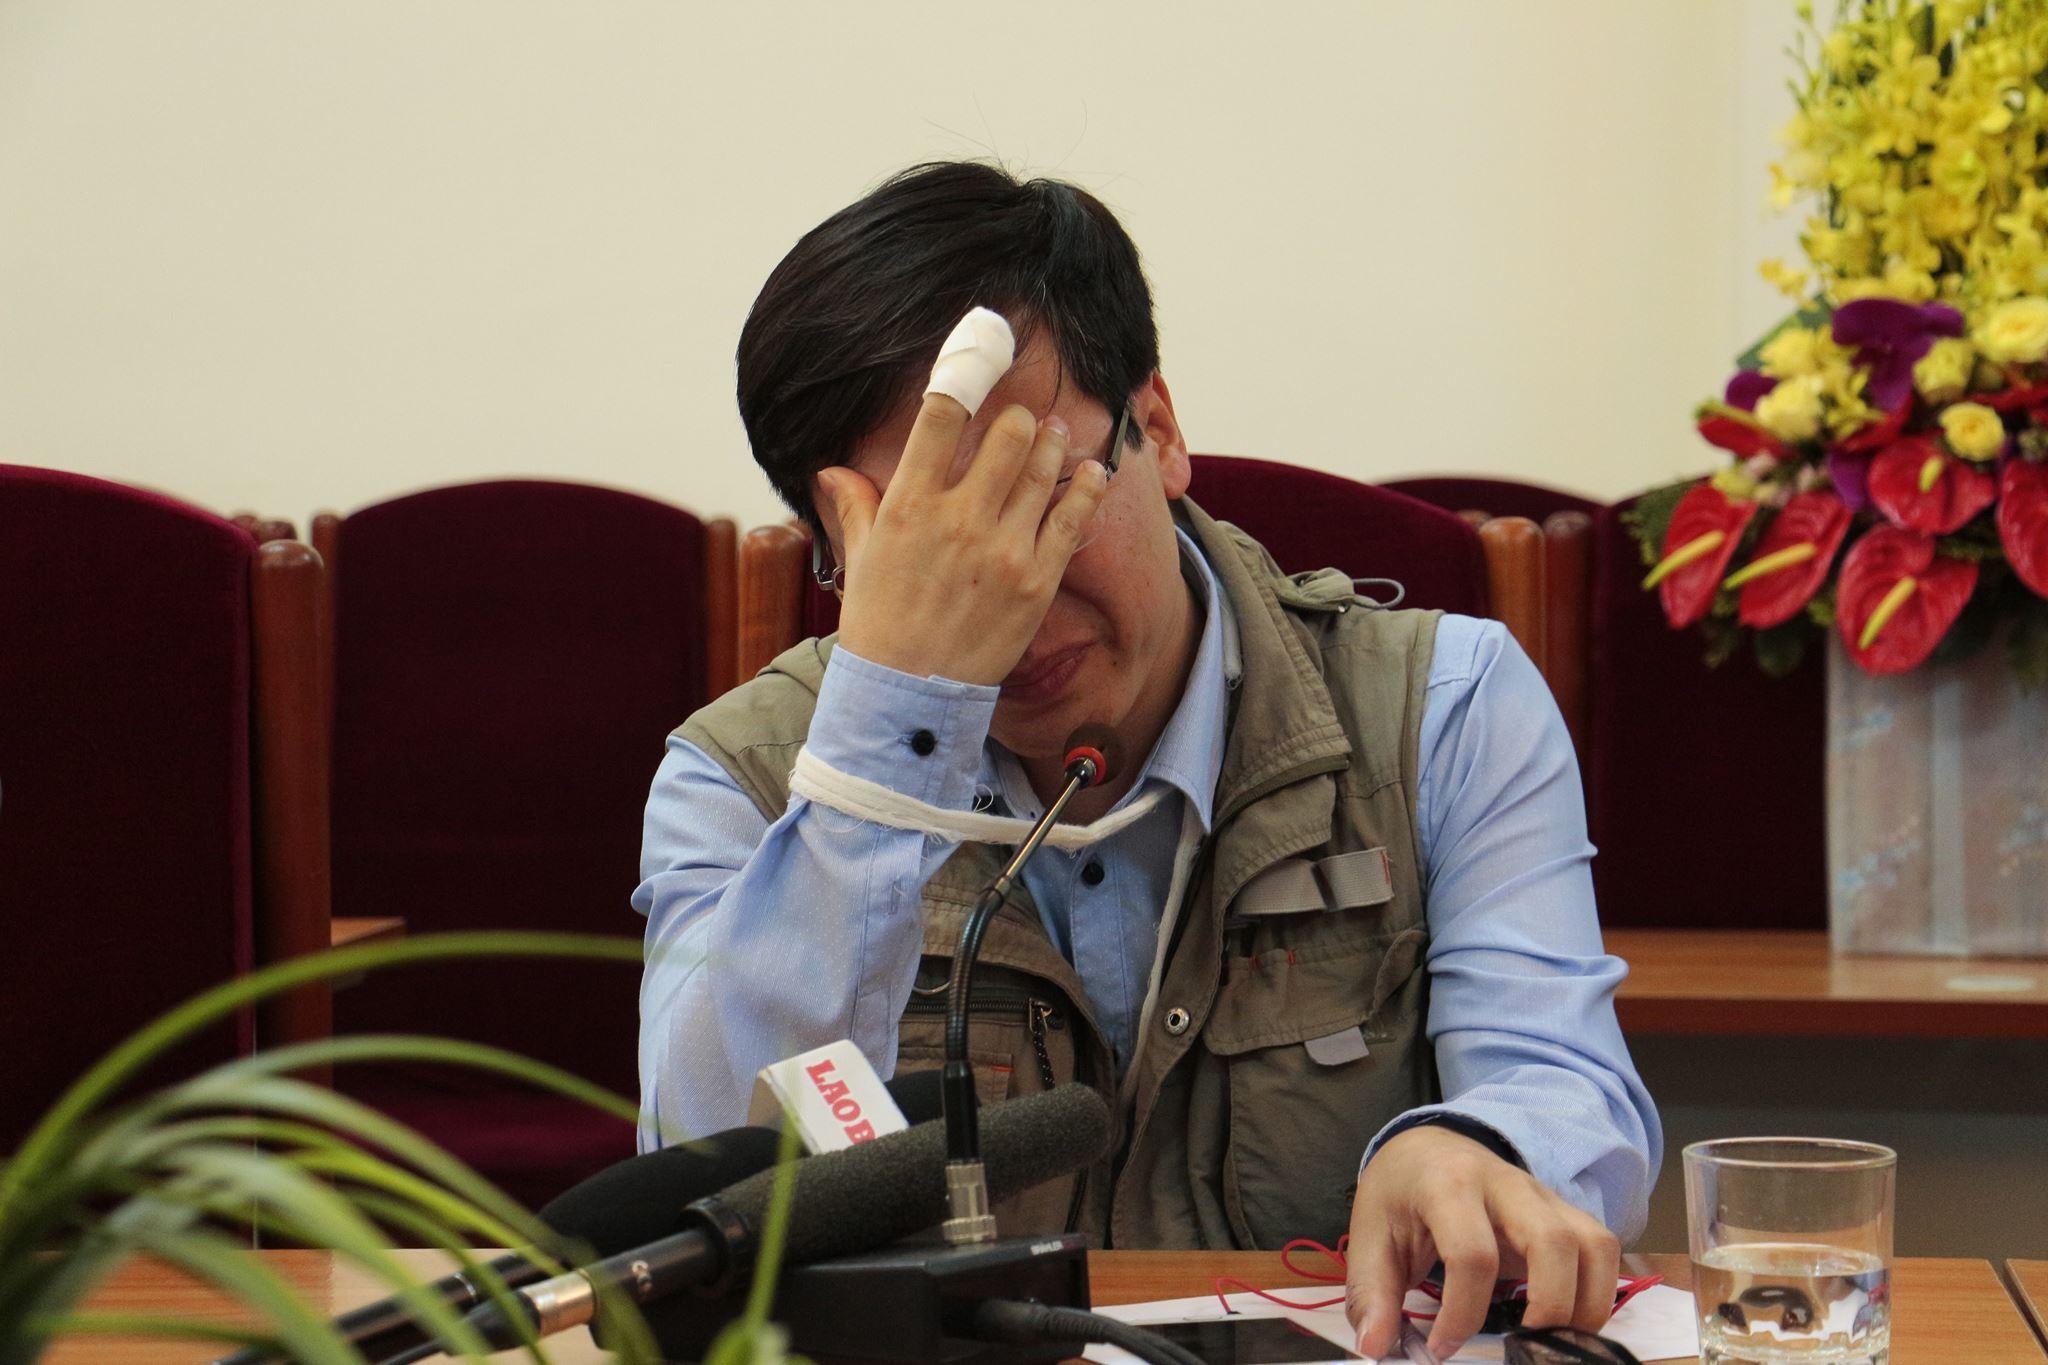 Nhà báo Đỗ Doãn Hoàng: 'Sau khi bị hành hung, không ai giúp tôi' 1